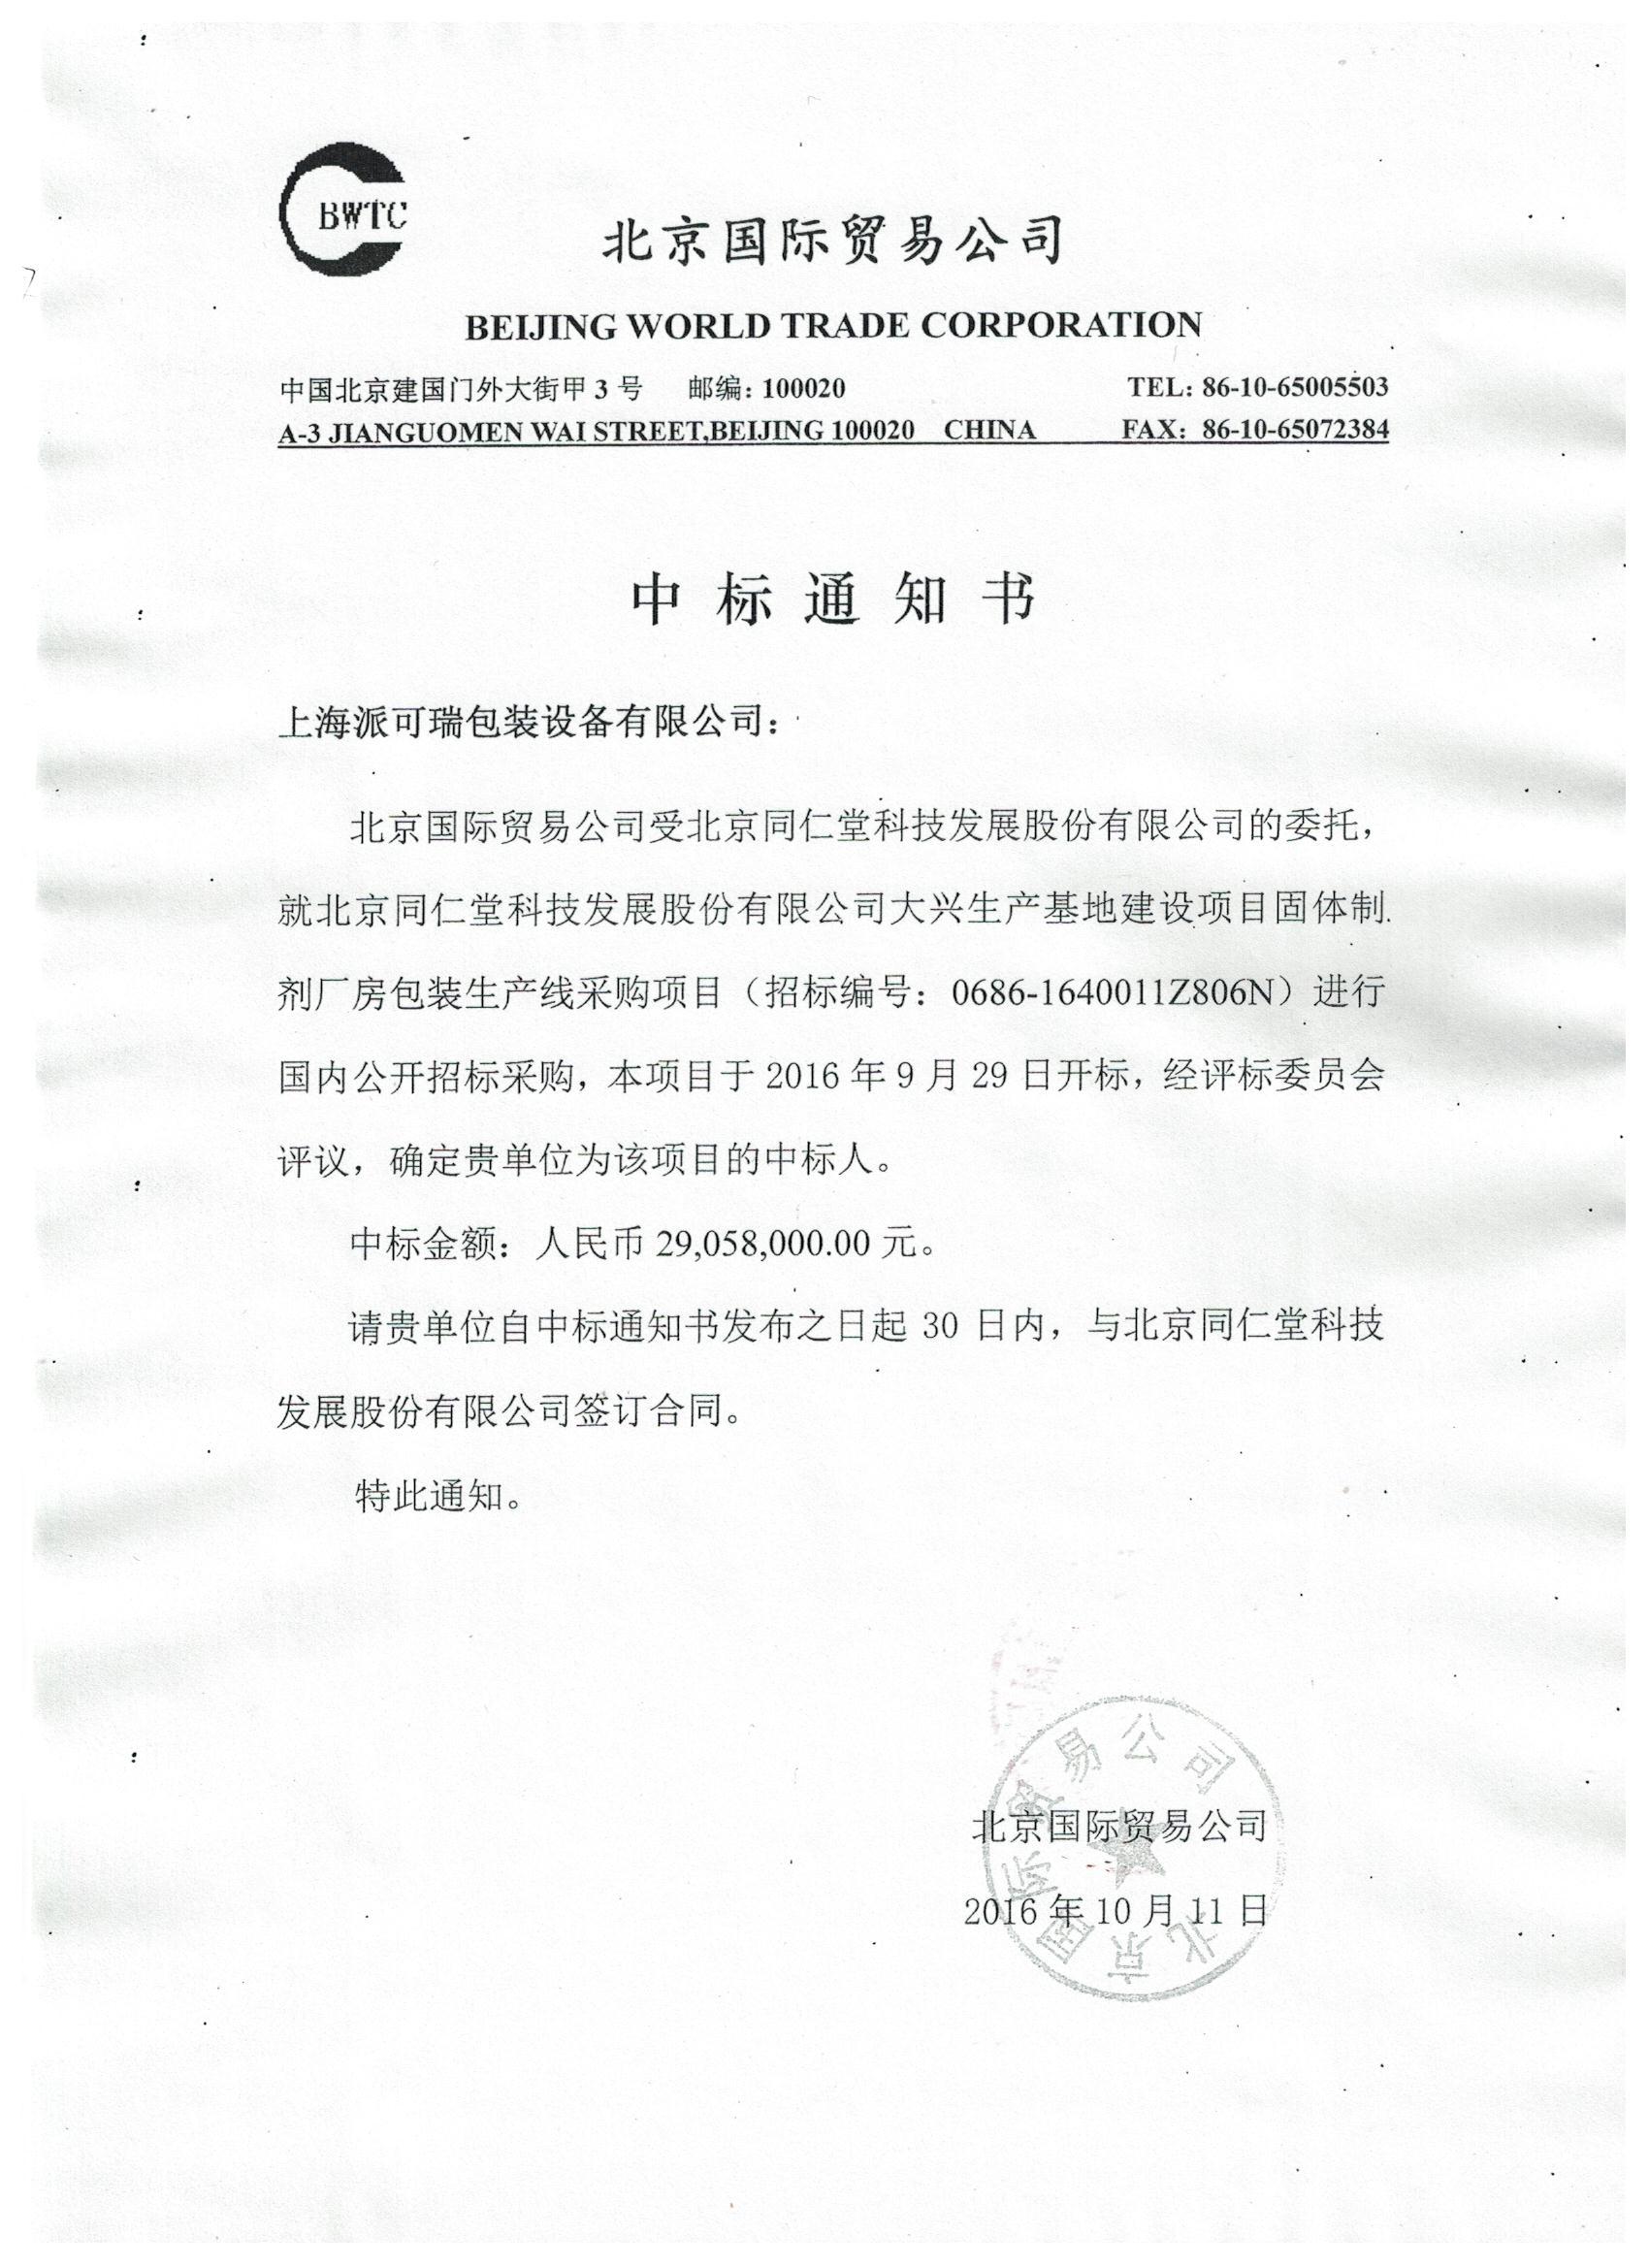 北京同仁堂中标通知书(1).jpeg